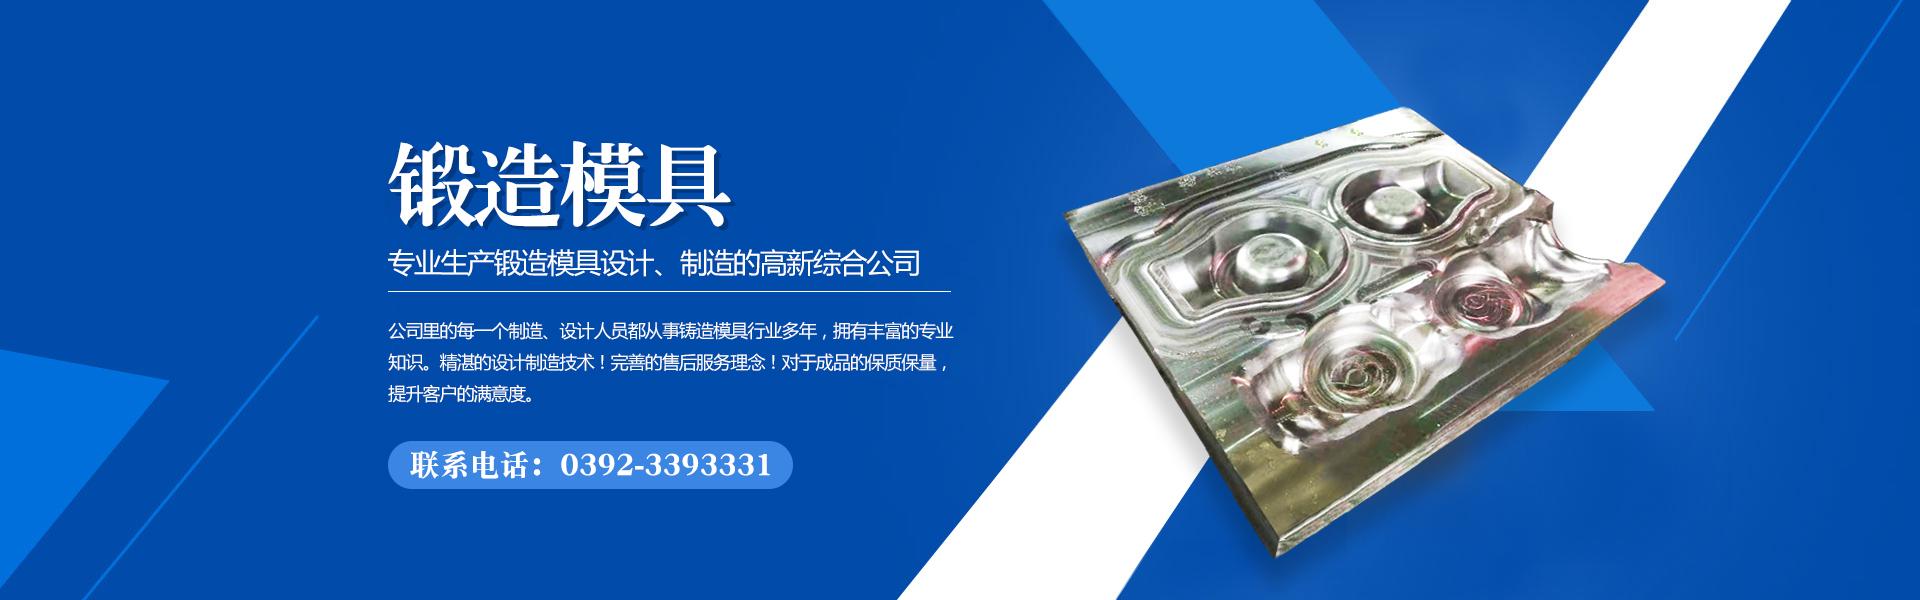 河南铸造模具厂家